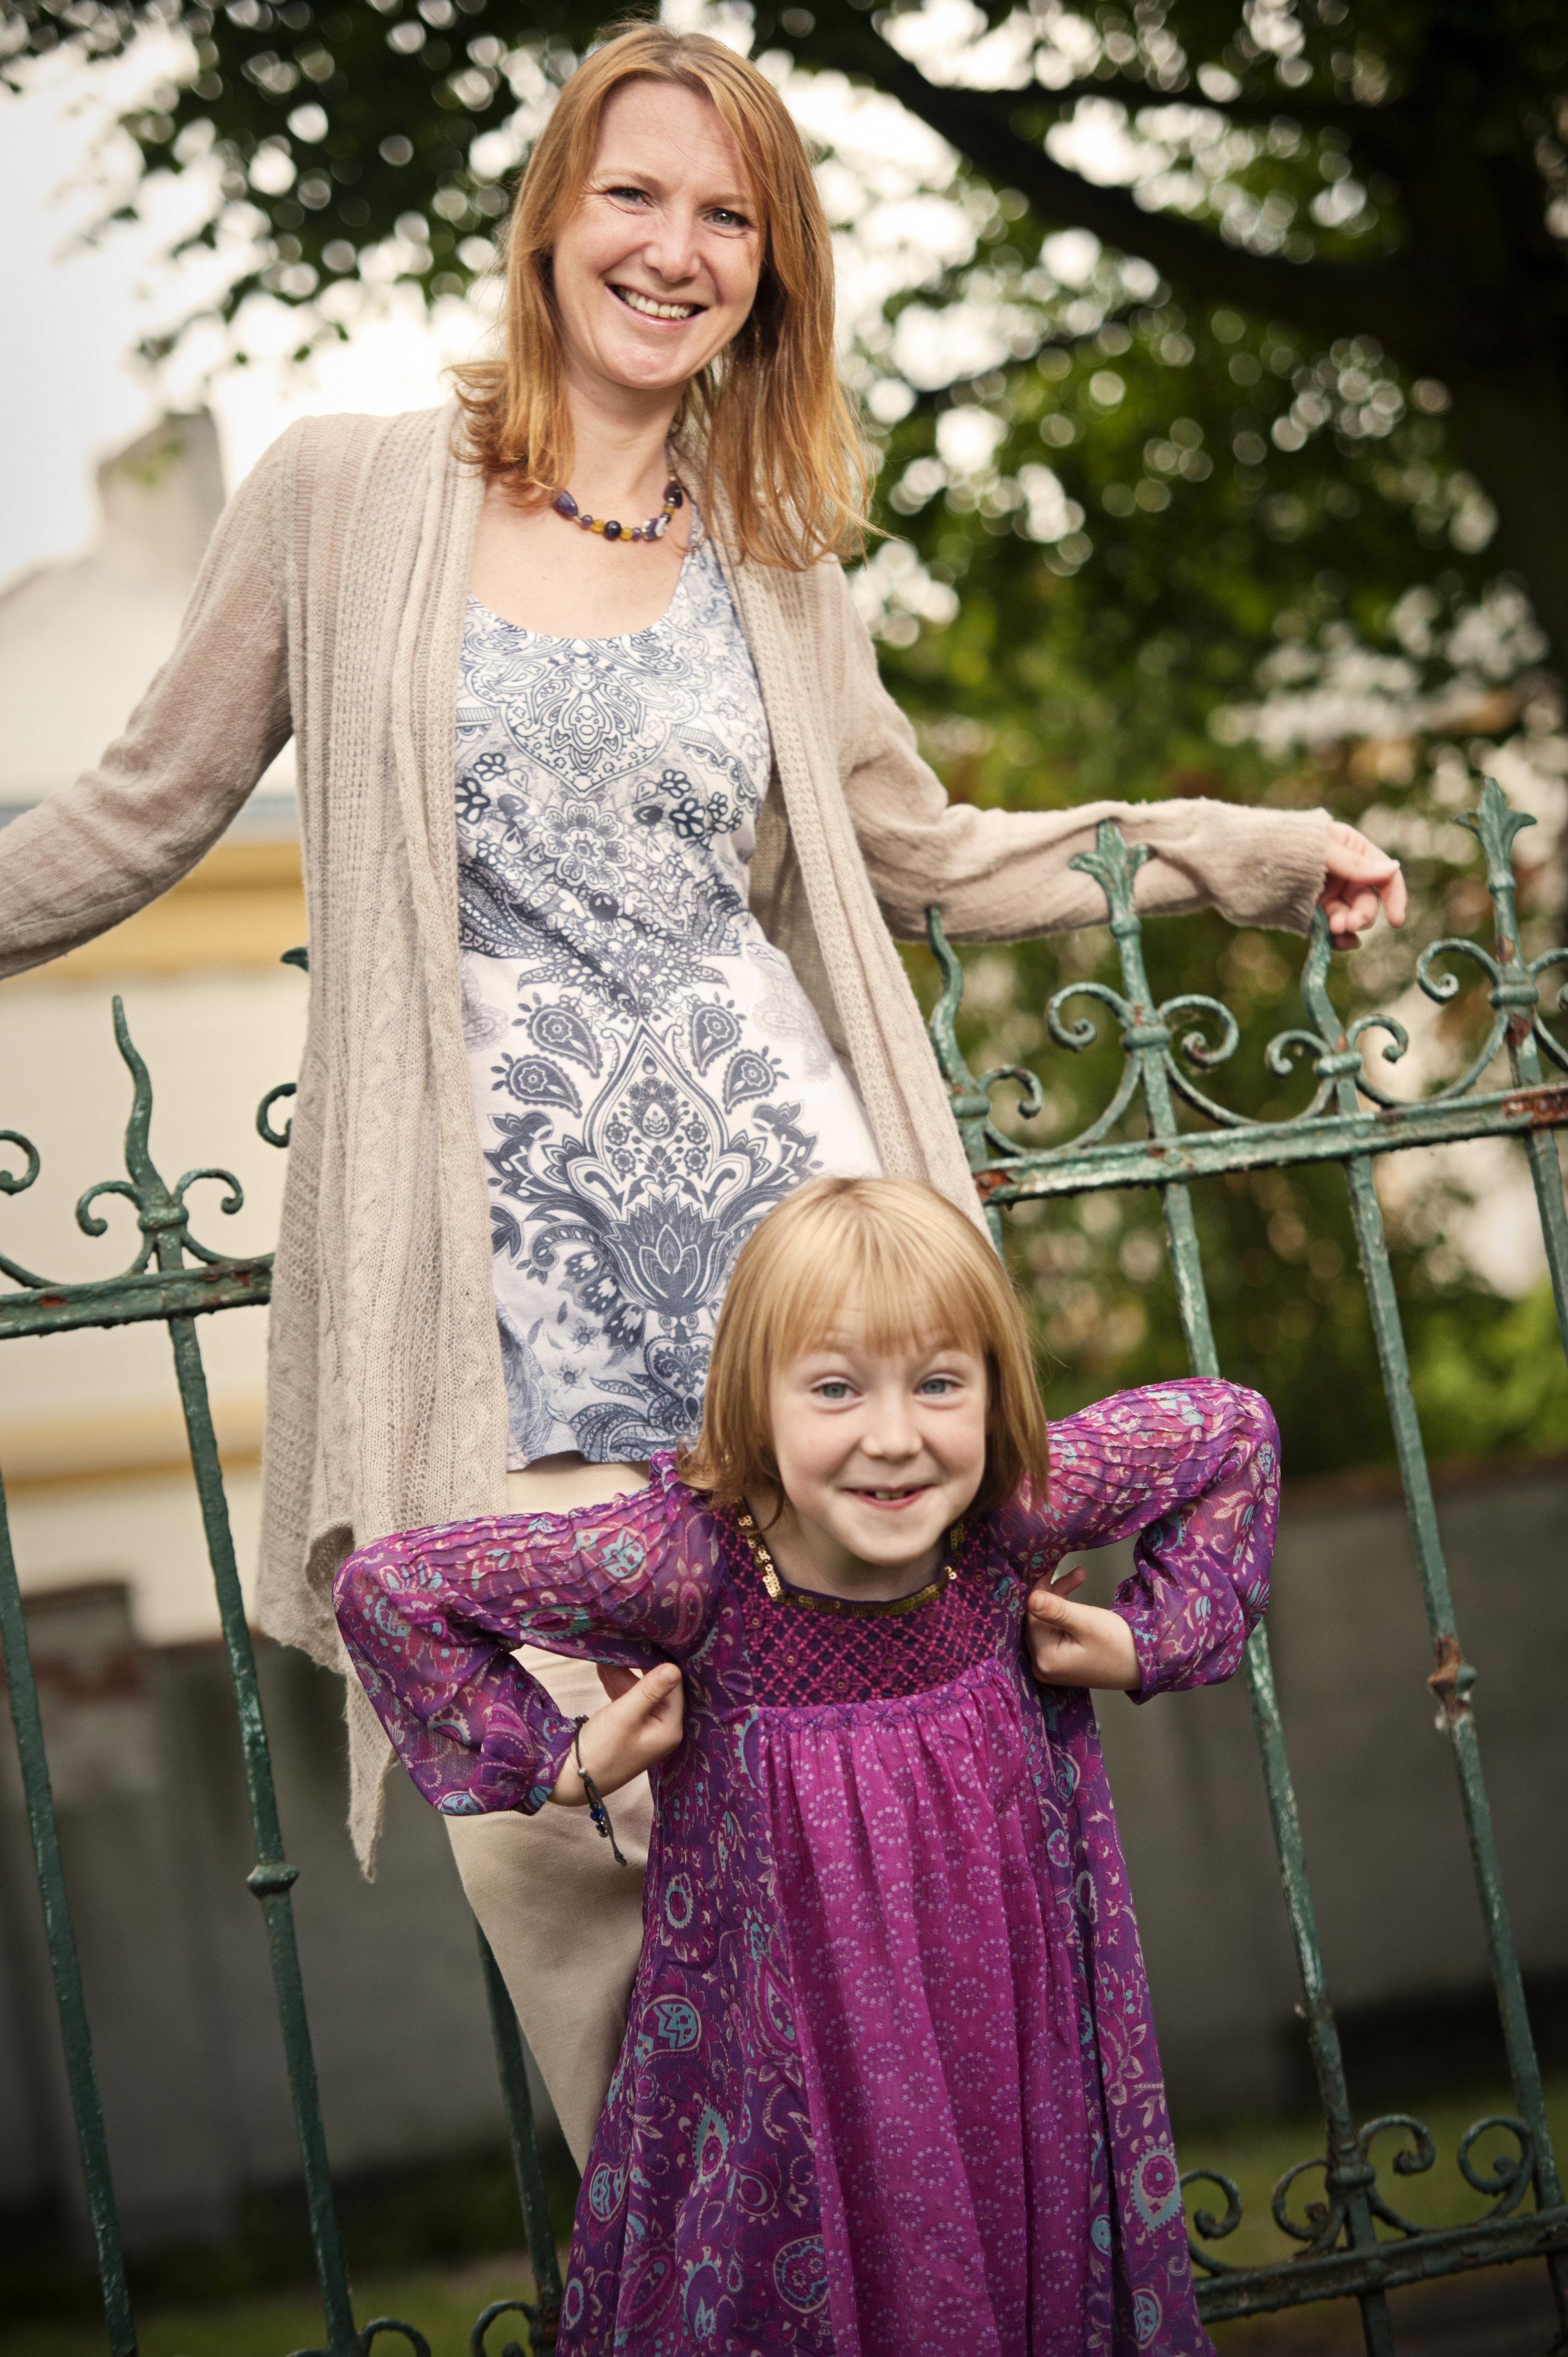 lisa and daughter.jpg